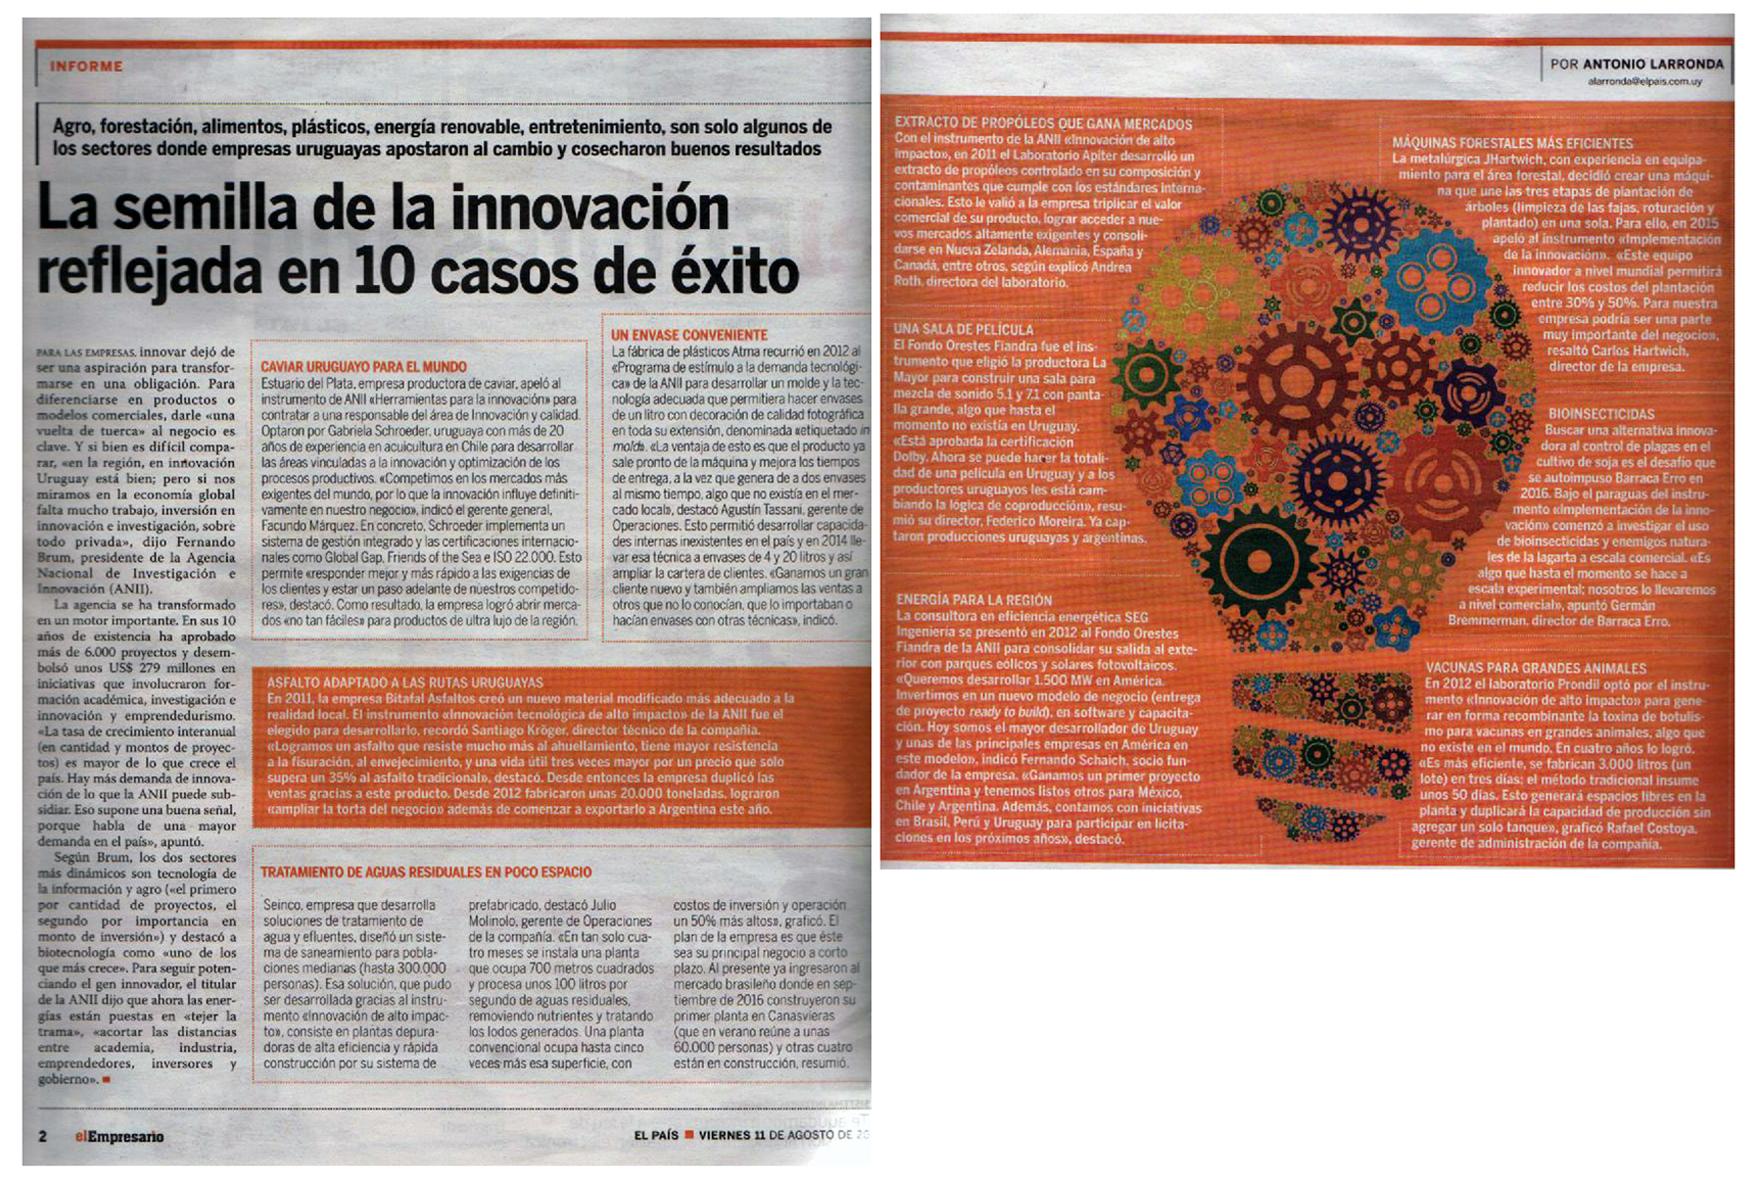 La semilla de la innovación reflejada en 10 casos de éxito